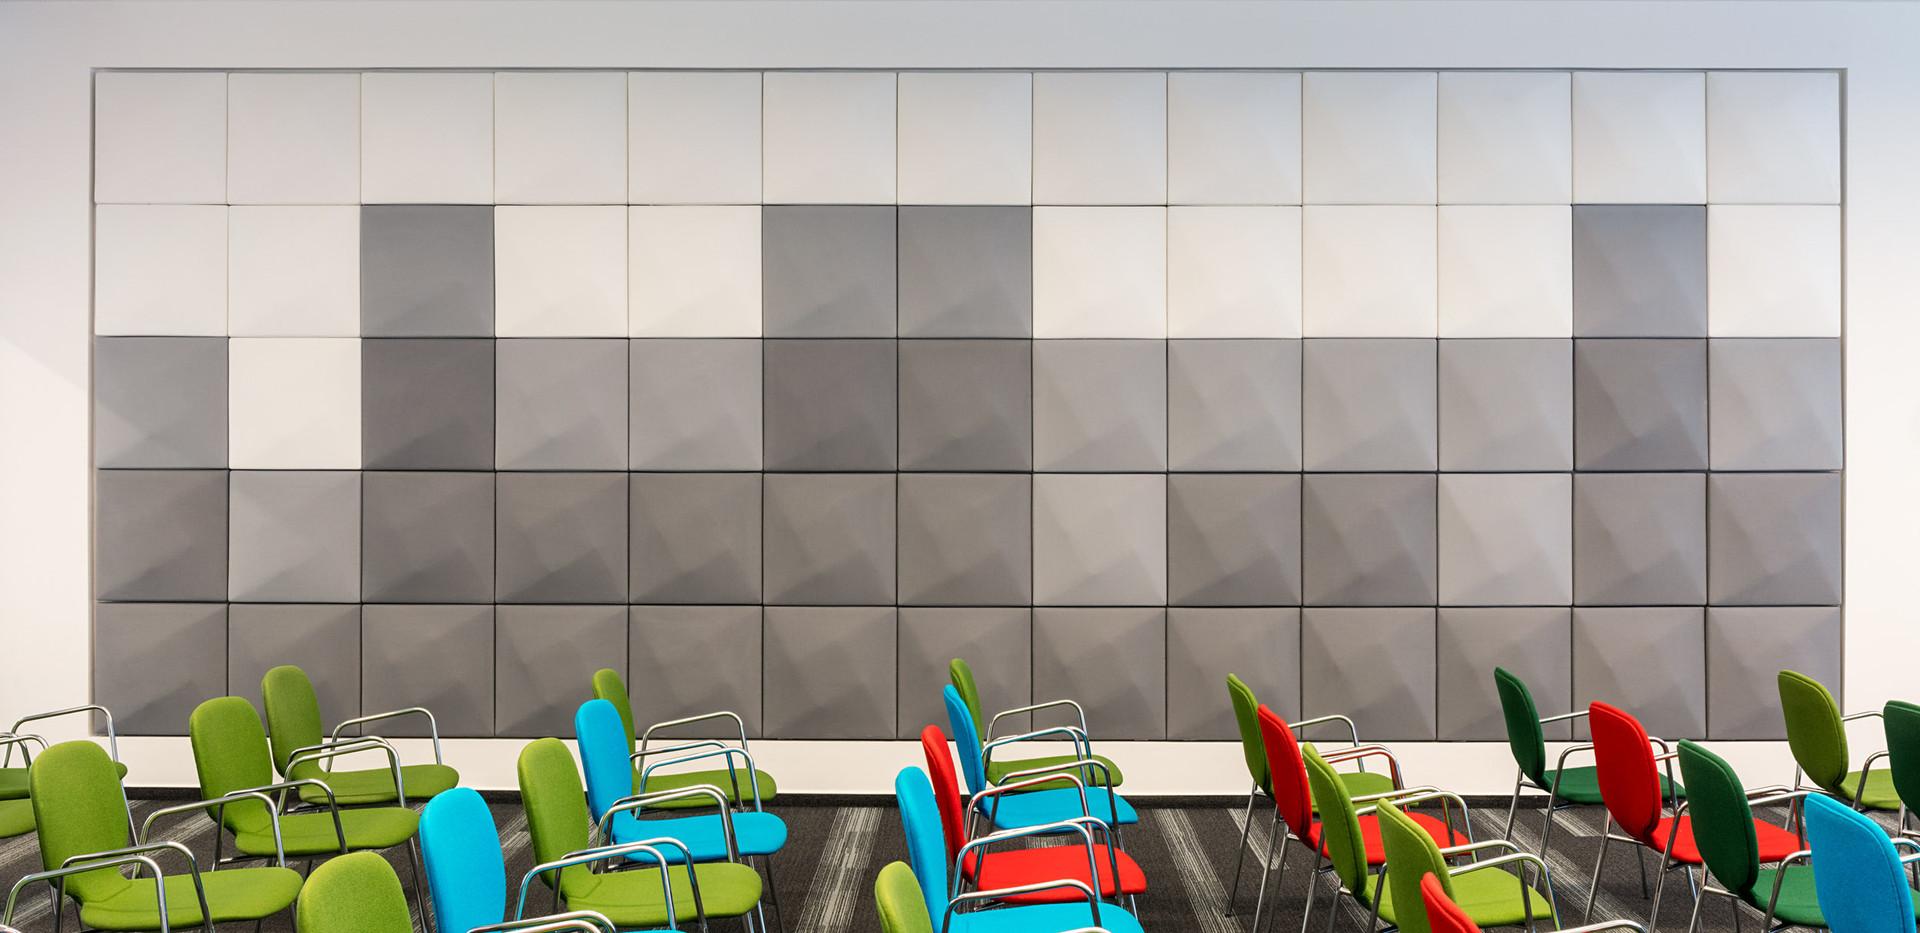 014_Ericsson-Demeter-Design-Studio-DDS_0